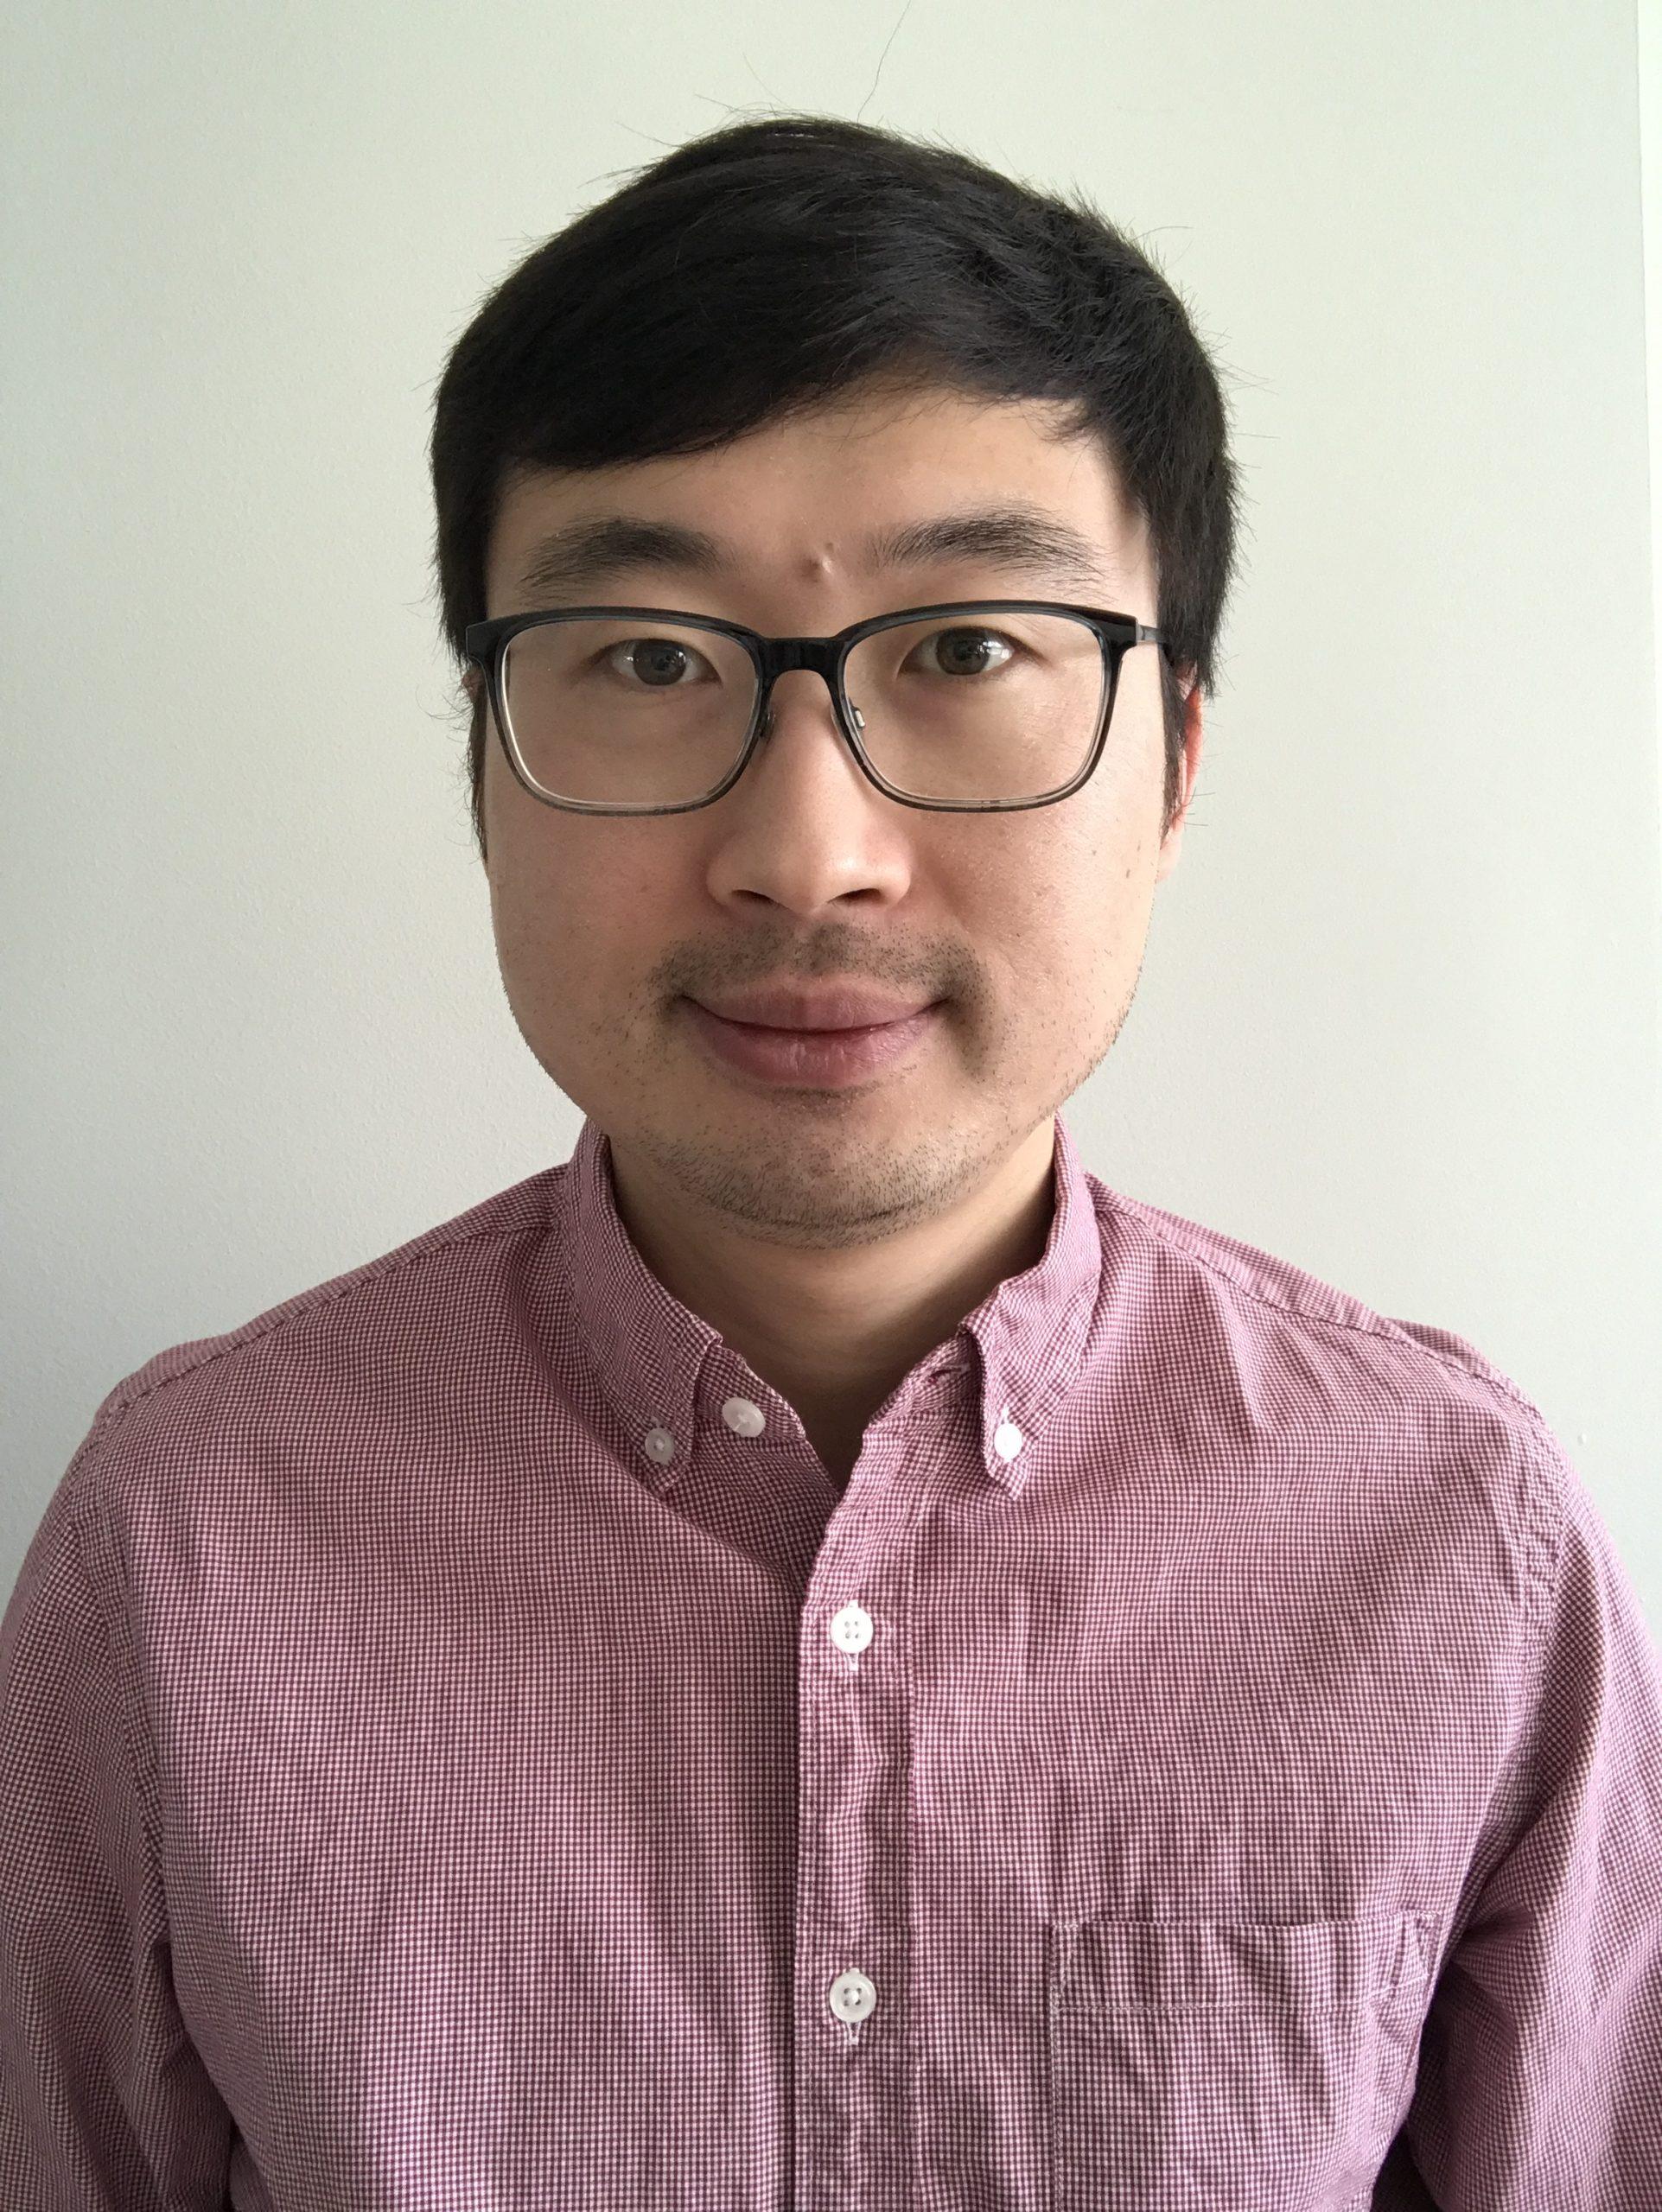 Xin (Daniel) Gao